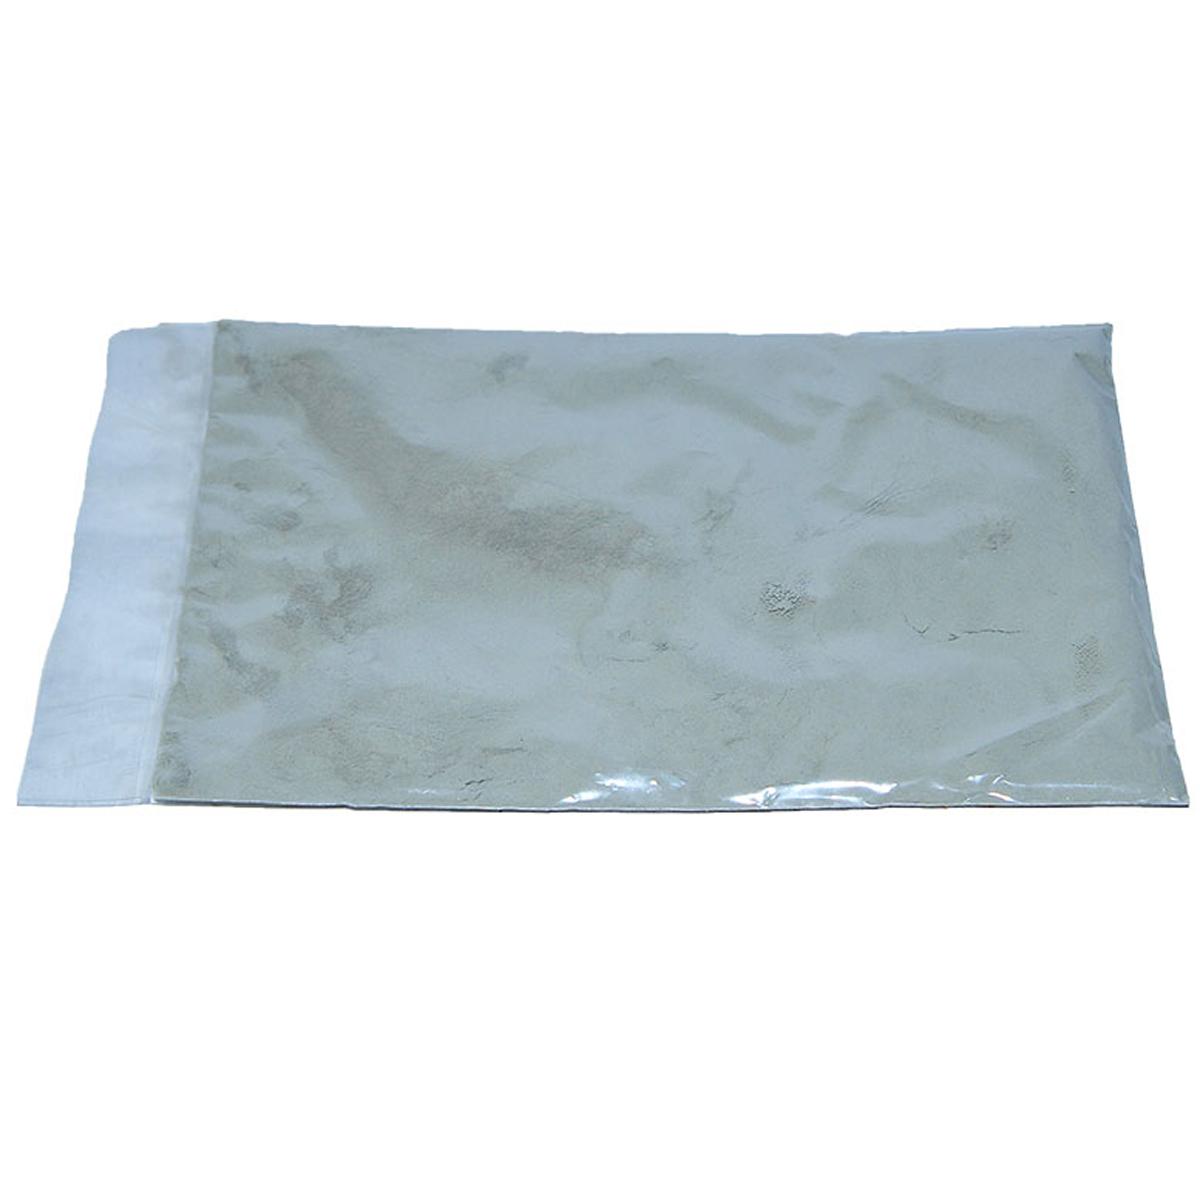 Yeşil Kil 100 Gr Pkt ürünü LokmanAVM EPttAVM mağazamızdan güvenle satın alabilirsiniz.